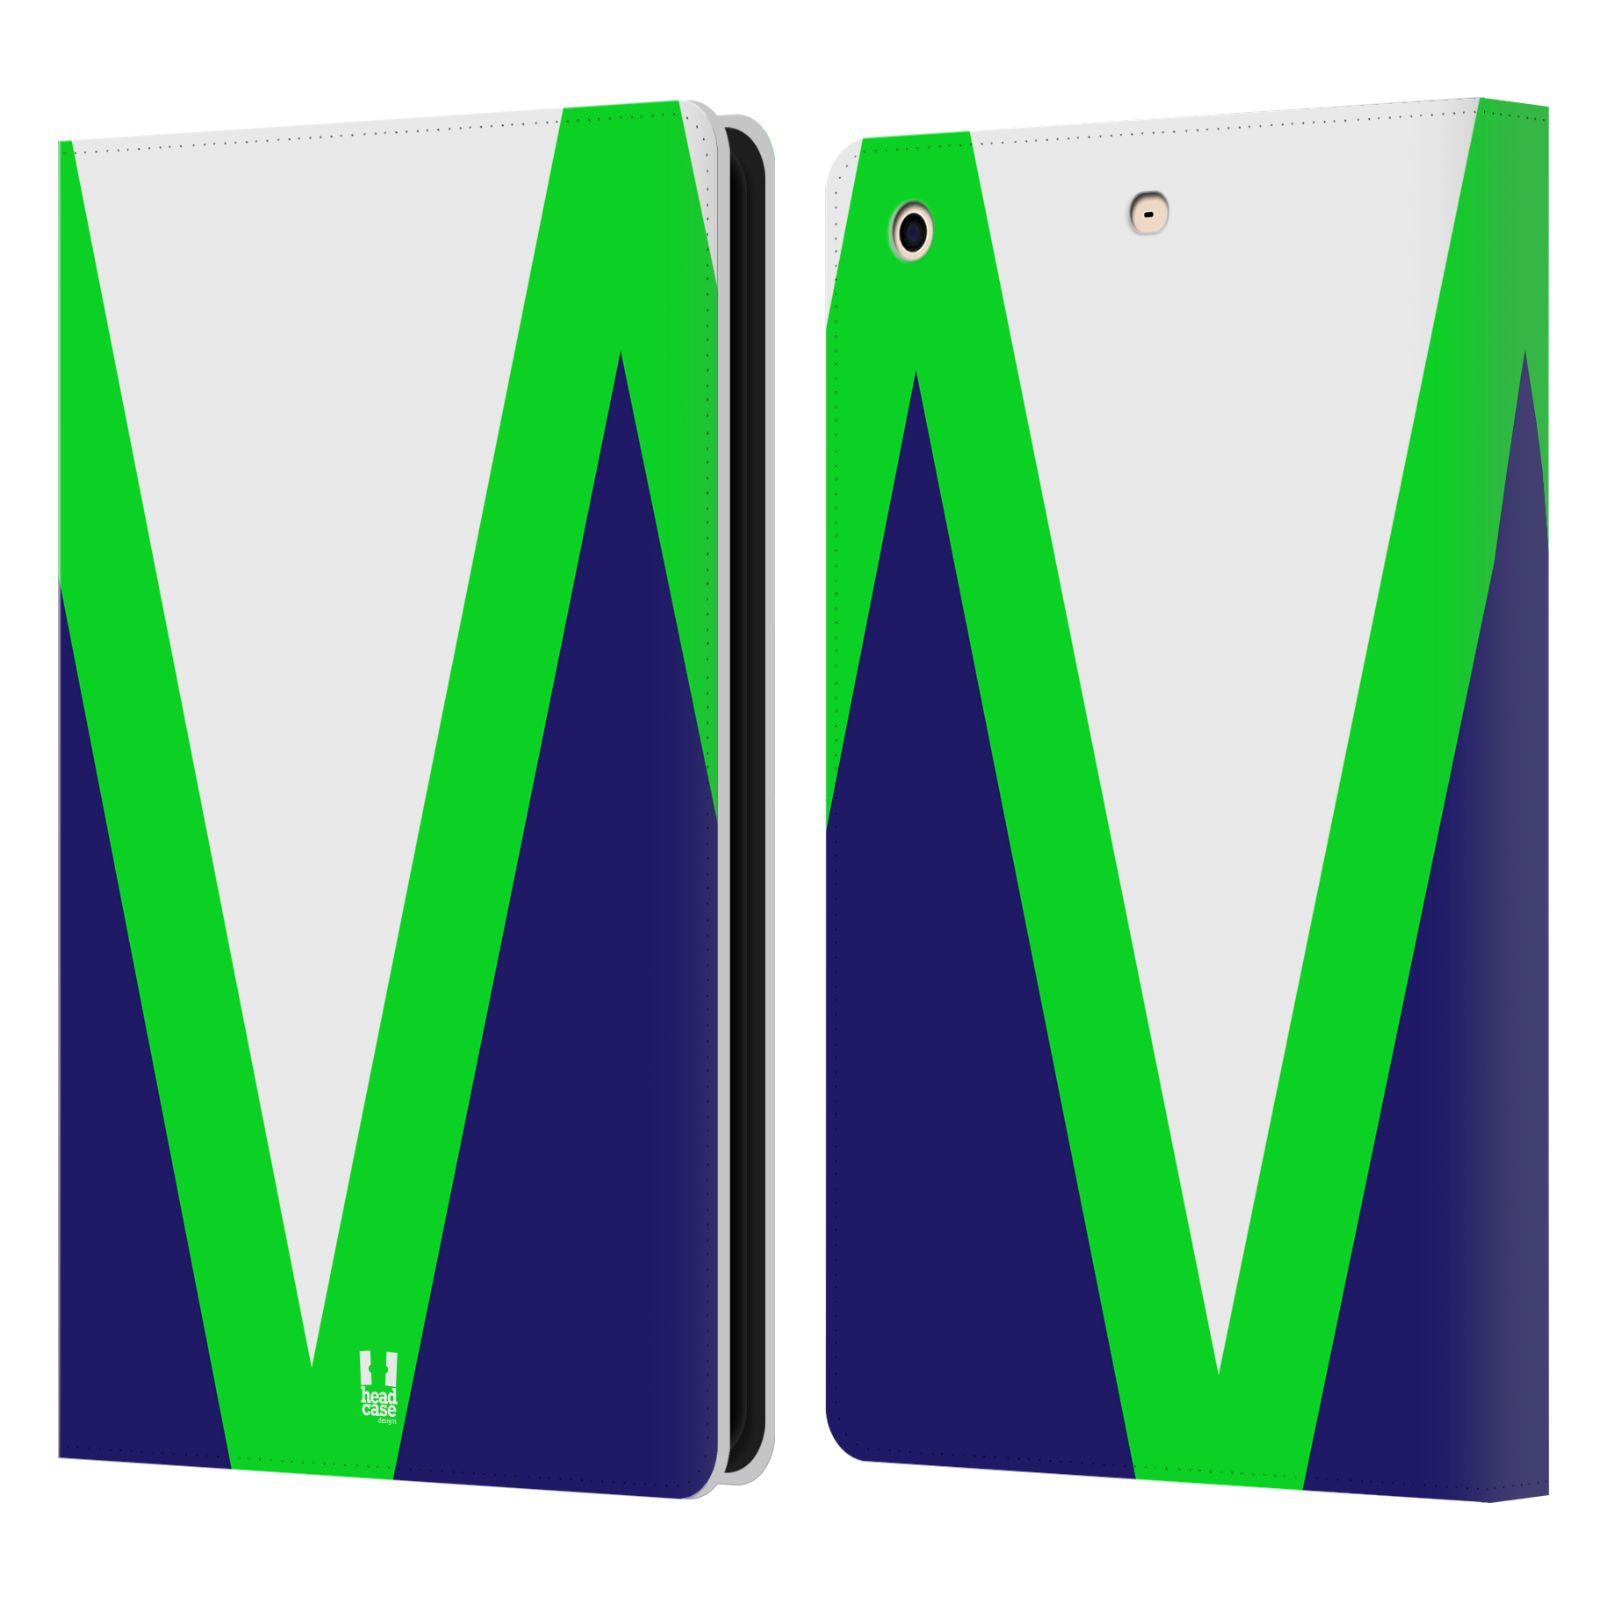 HEAD CASE Flipové pouzdro pro tablet Apple iPad mini barevné tvary zelená a modrá